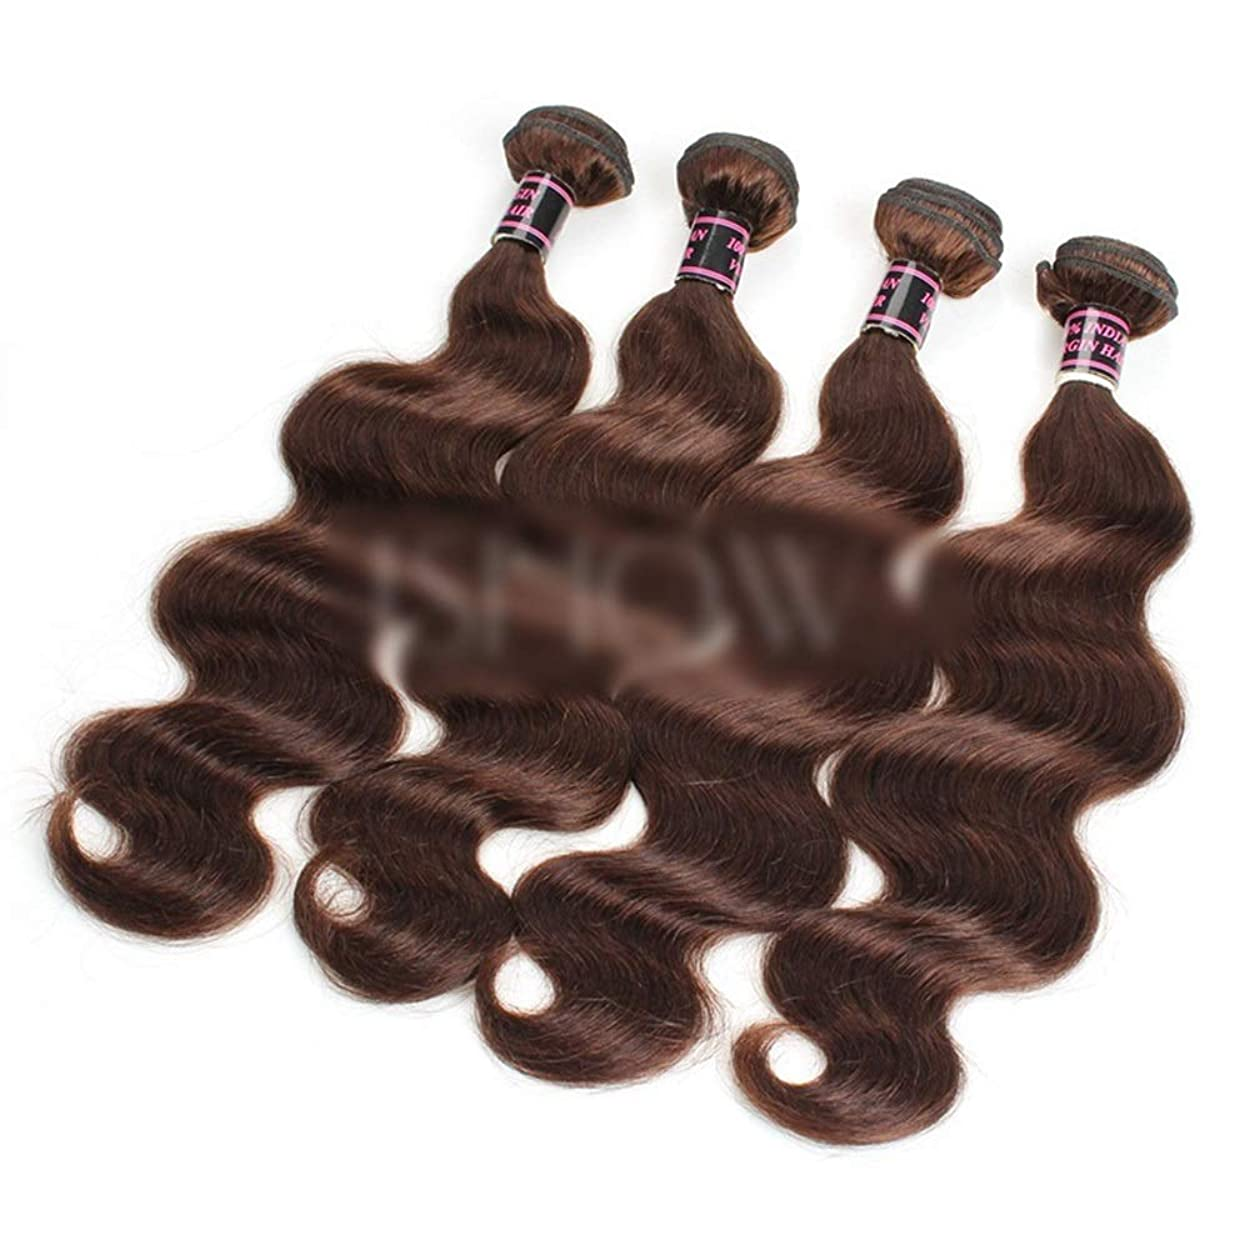 メロン品時折Yrattary 28インチブラジル実体波髪織りダークブラウン巻き毛延長用女性ビッグウェーブウィッグ (色 : ブラウン, サイズ : 28 inch)